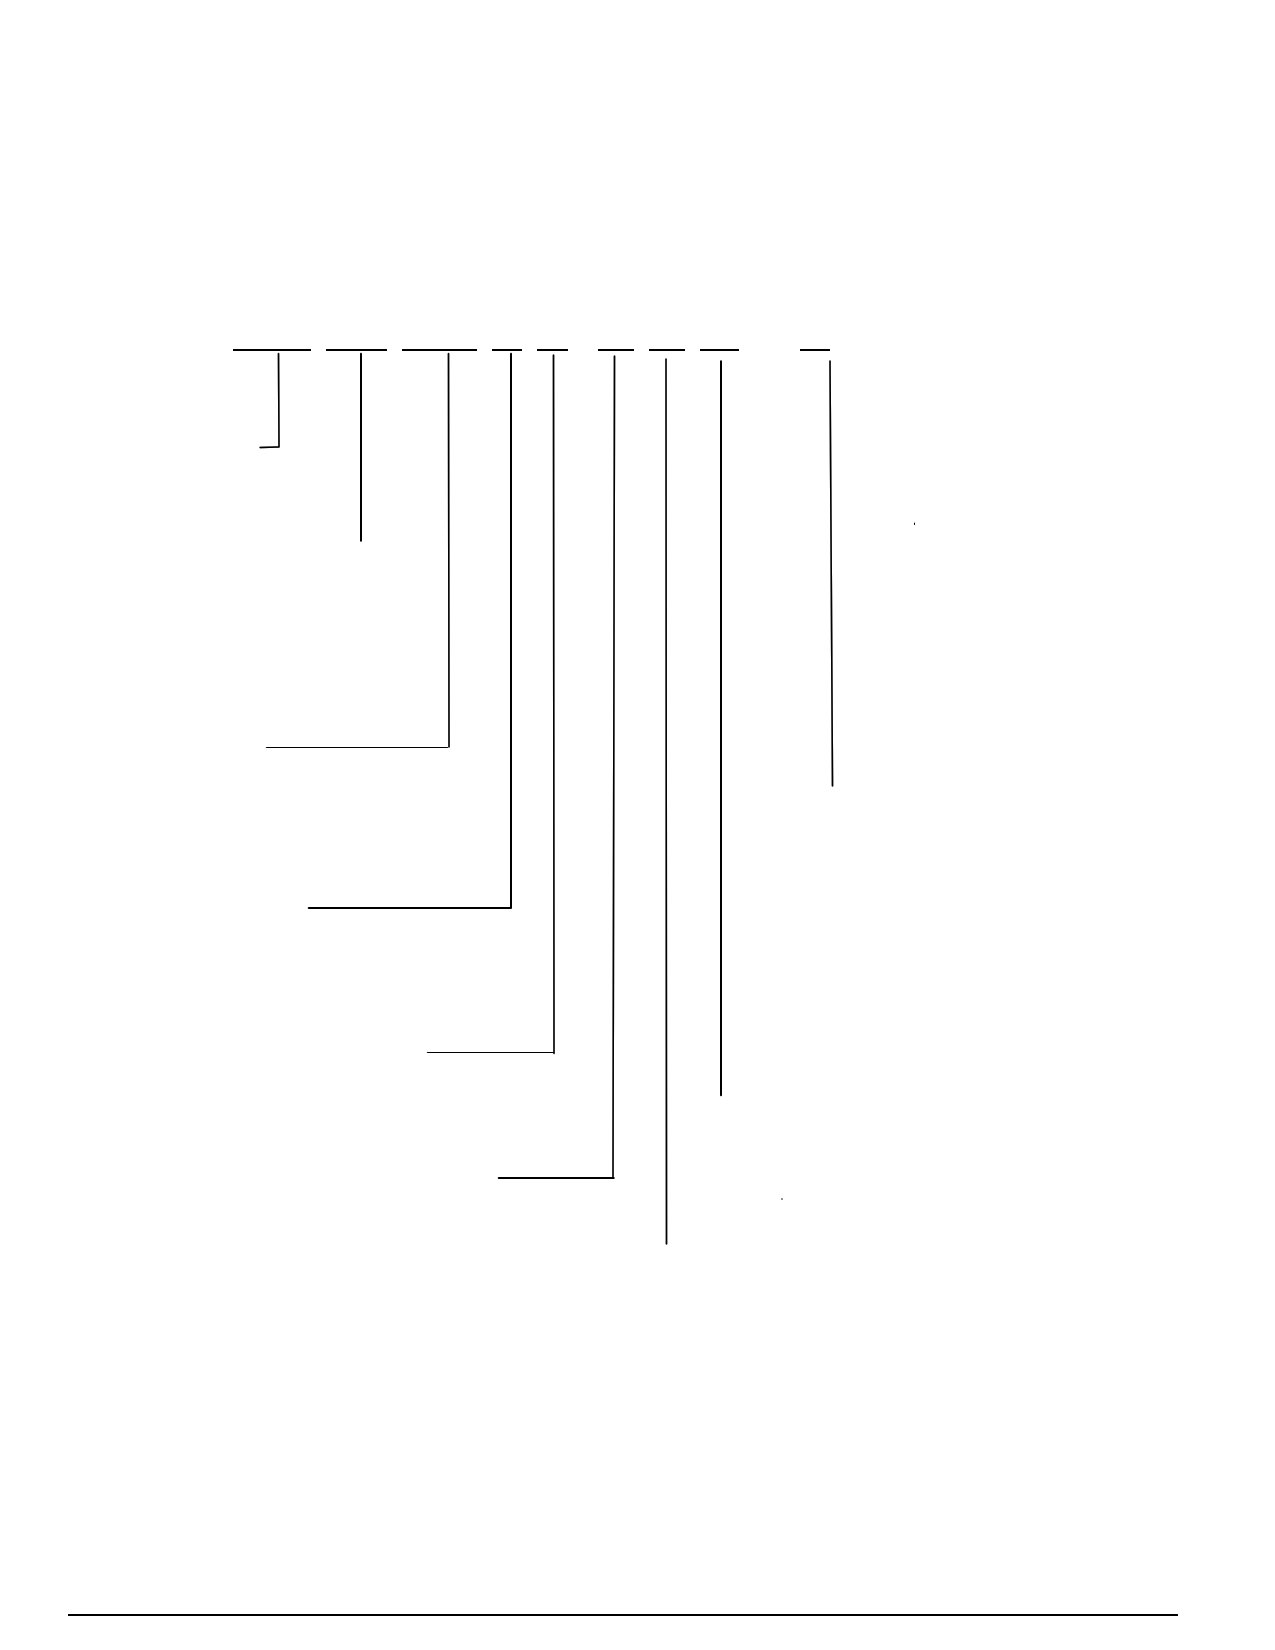 AD401M82RPA-5 pdf, schematic